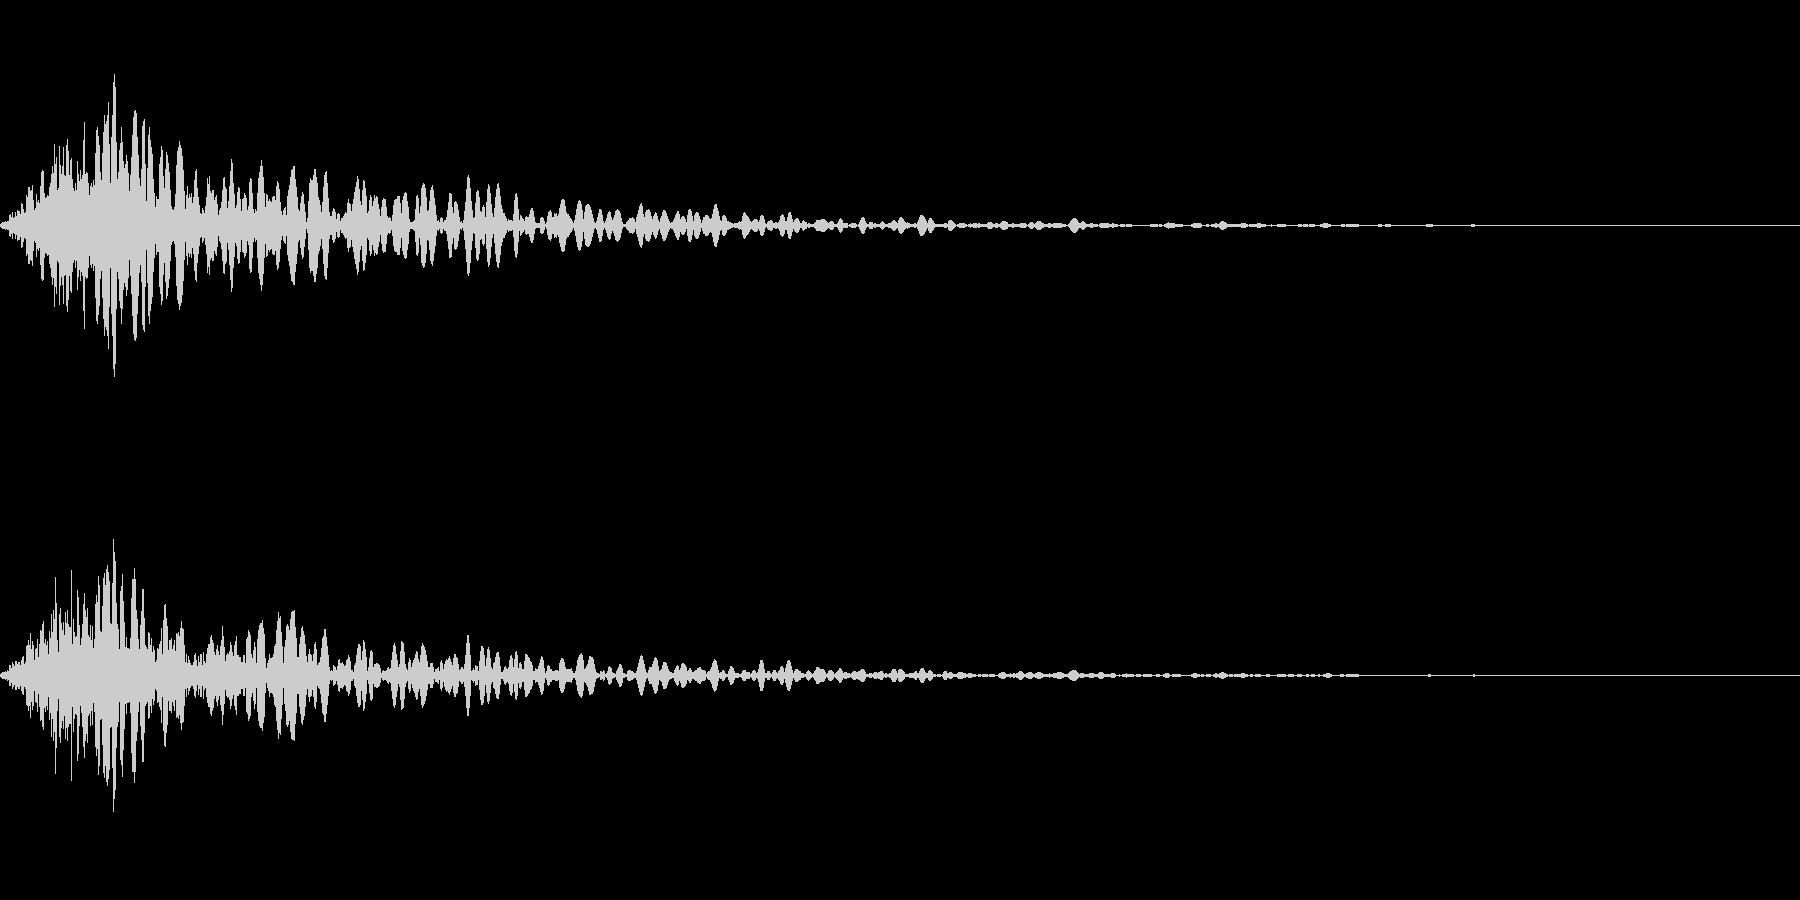 カットイン演出に使えるSE_その4の未再生の波形